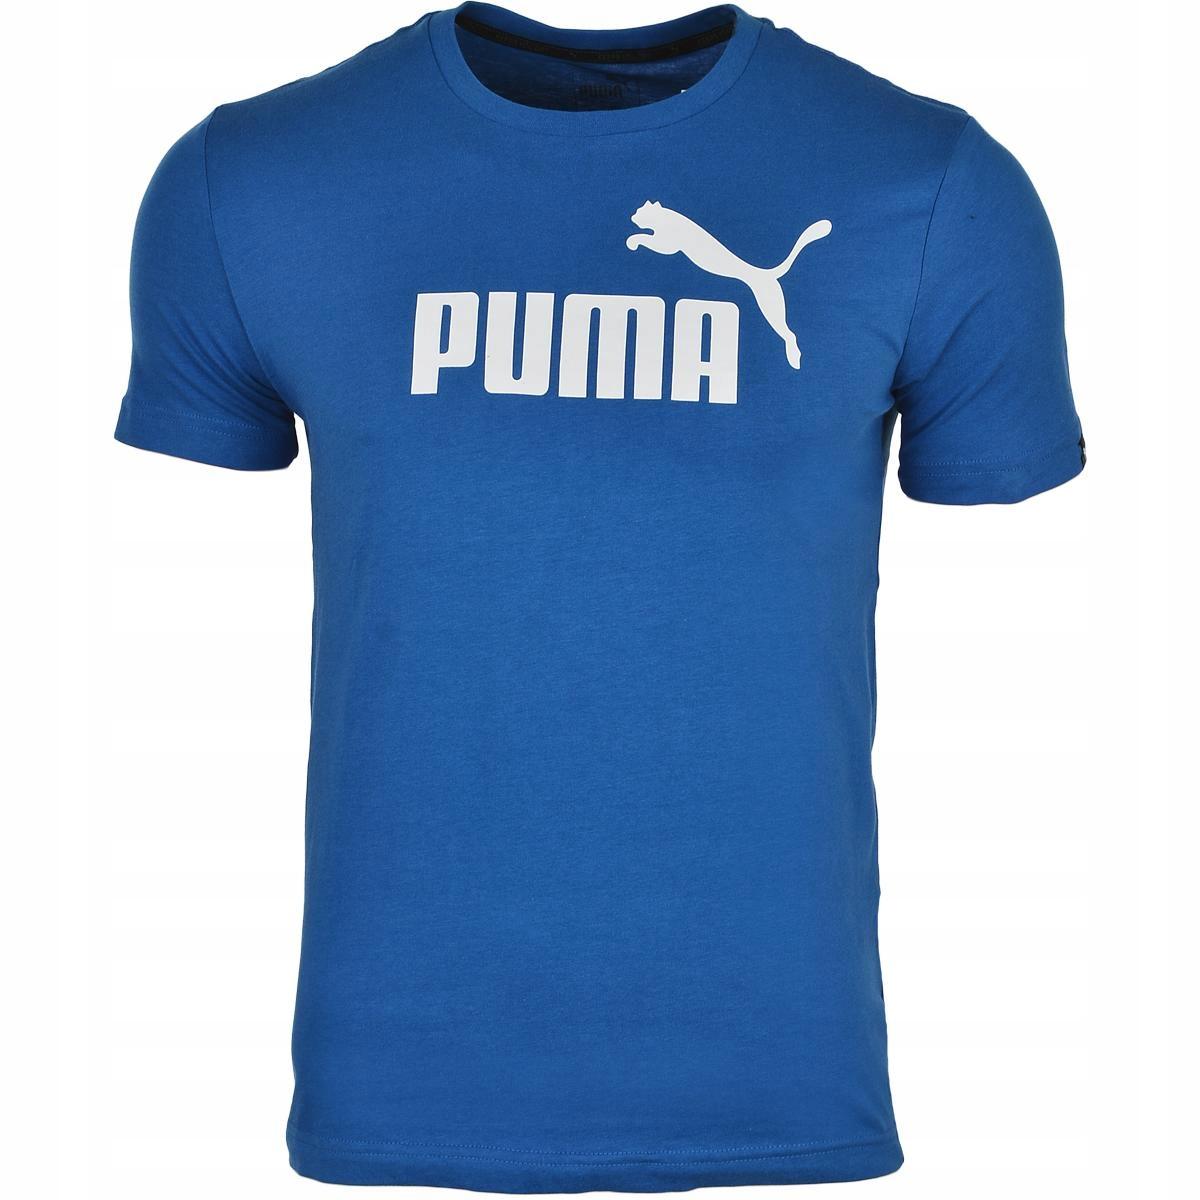 e1aa3039d T-shirt PUMA Koszulka Męska (838241-75) L - 7404944922 - oficjalne ...